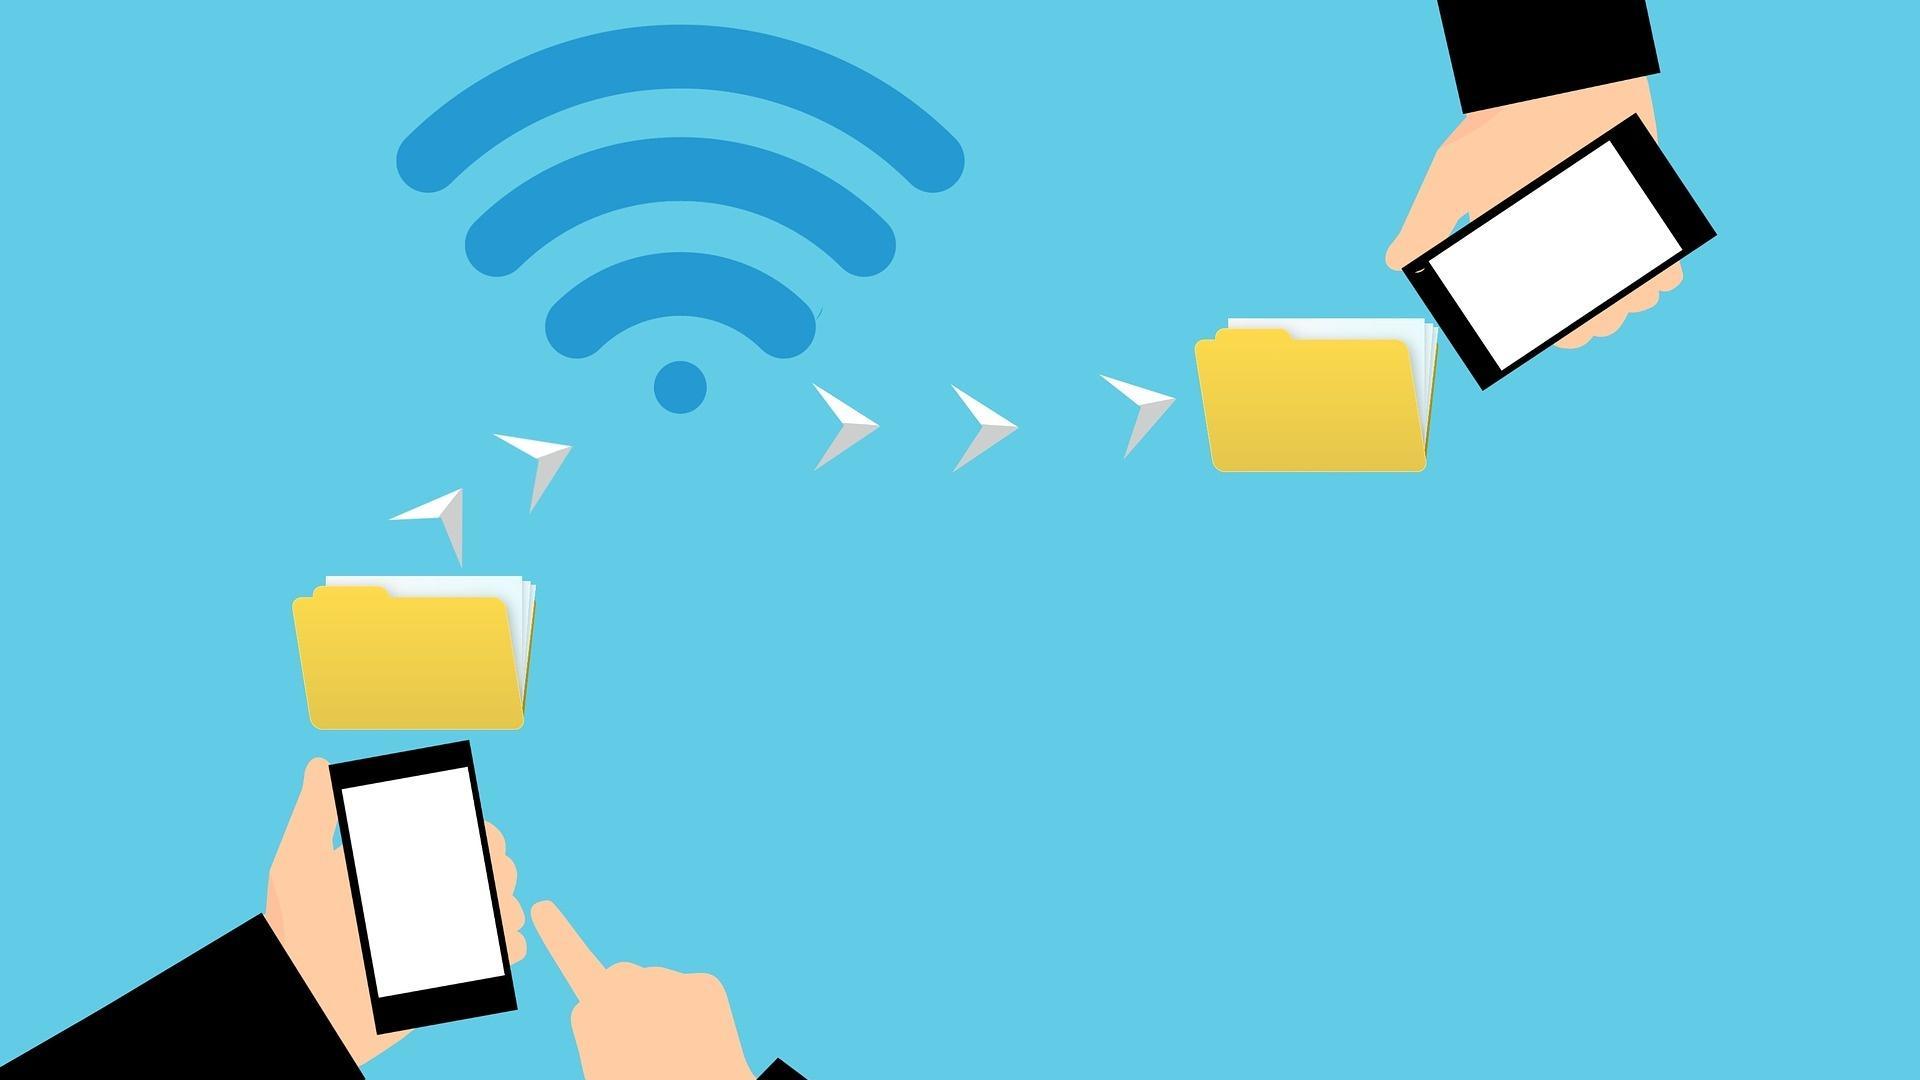 5G-Mobilfunk: Vorteile und Nachteile für unsere Gesellschaft